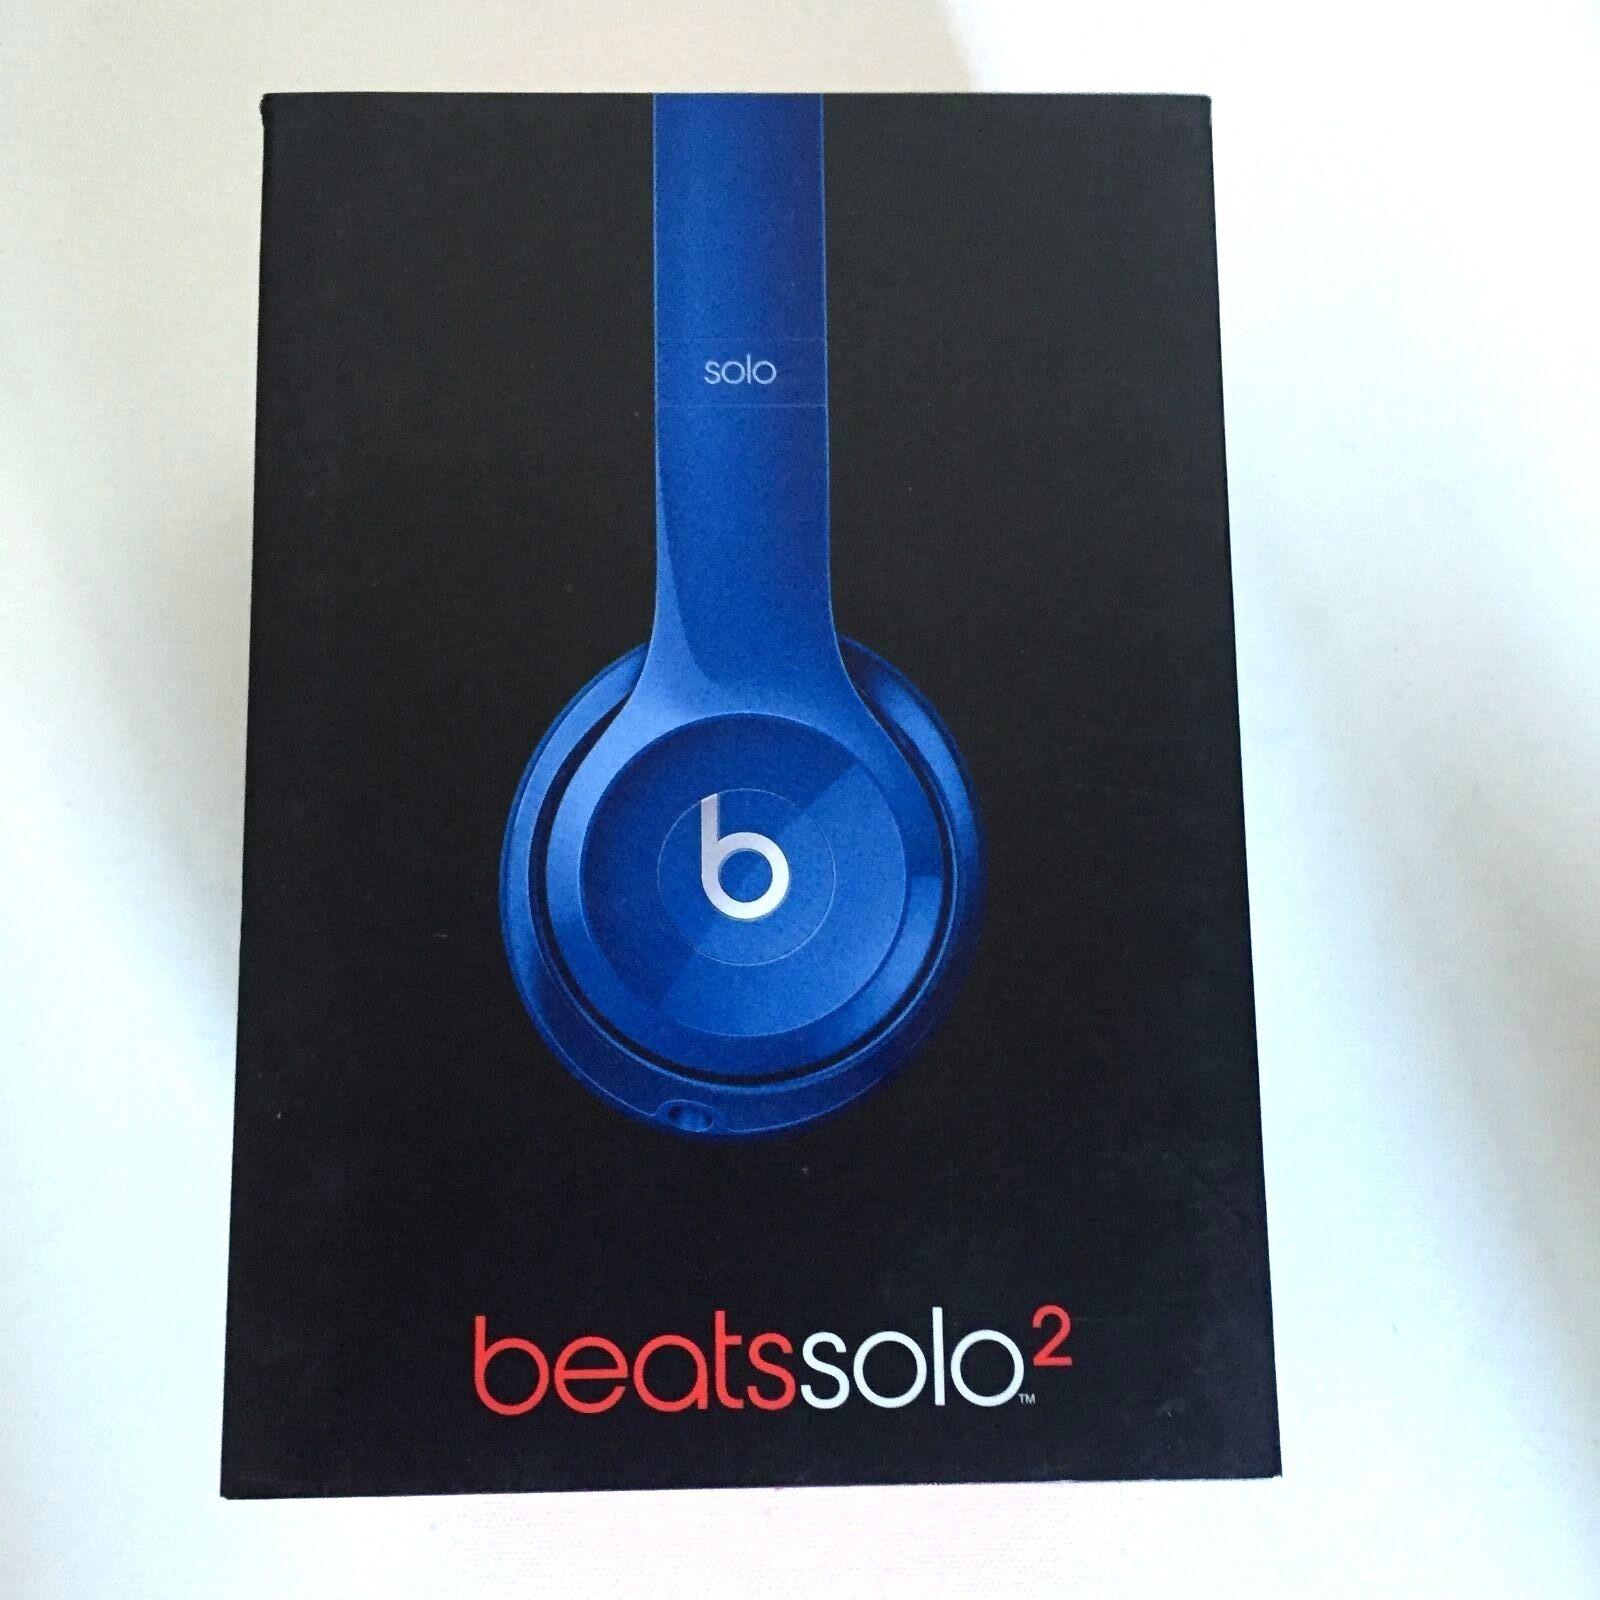 6a48b0b7382 New Beats Solo 2 By Dr Dre HD Wired On Ear Headphones -Blue Reviews ...